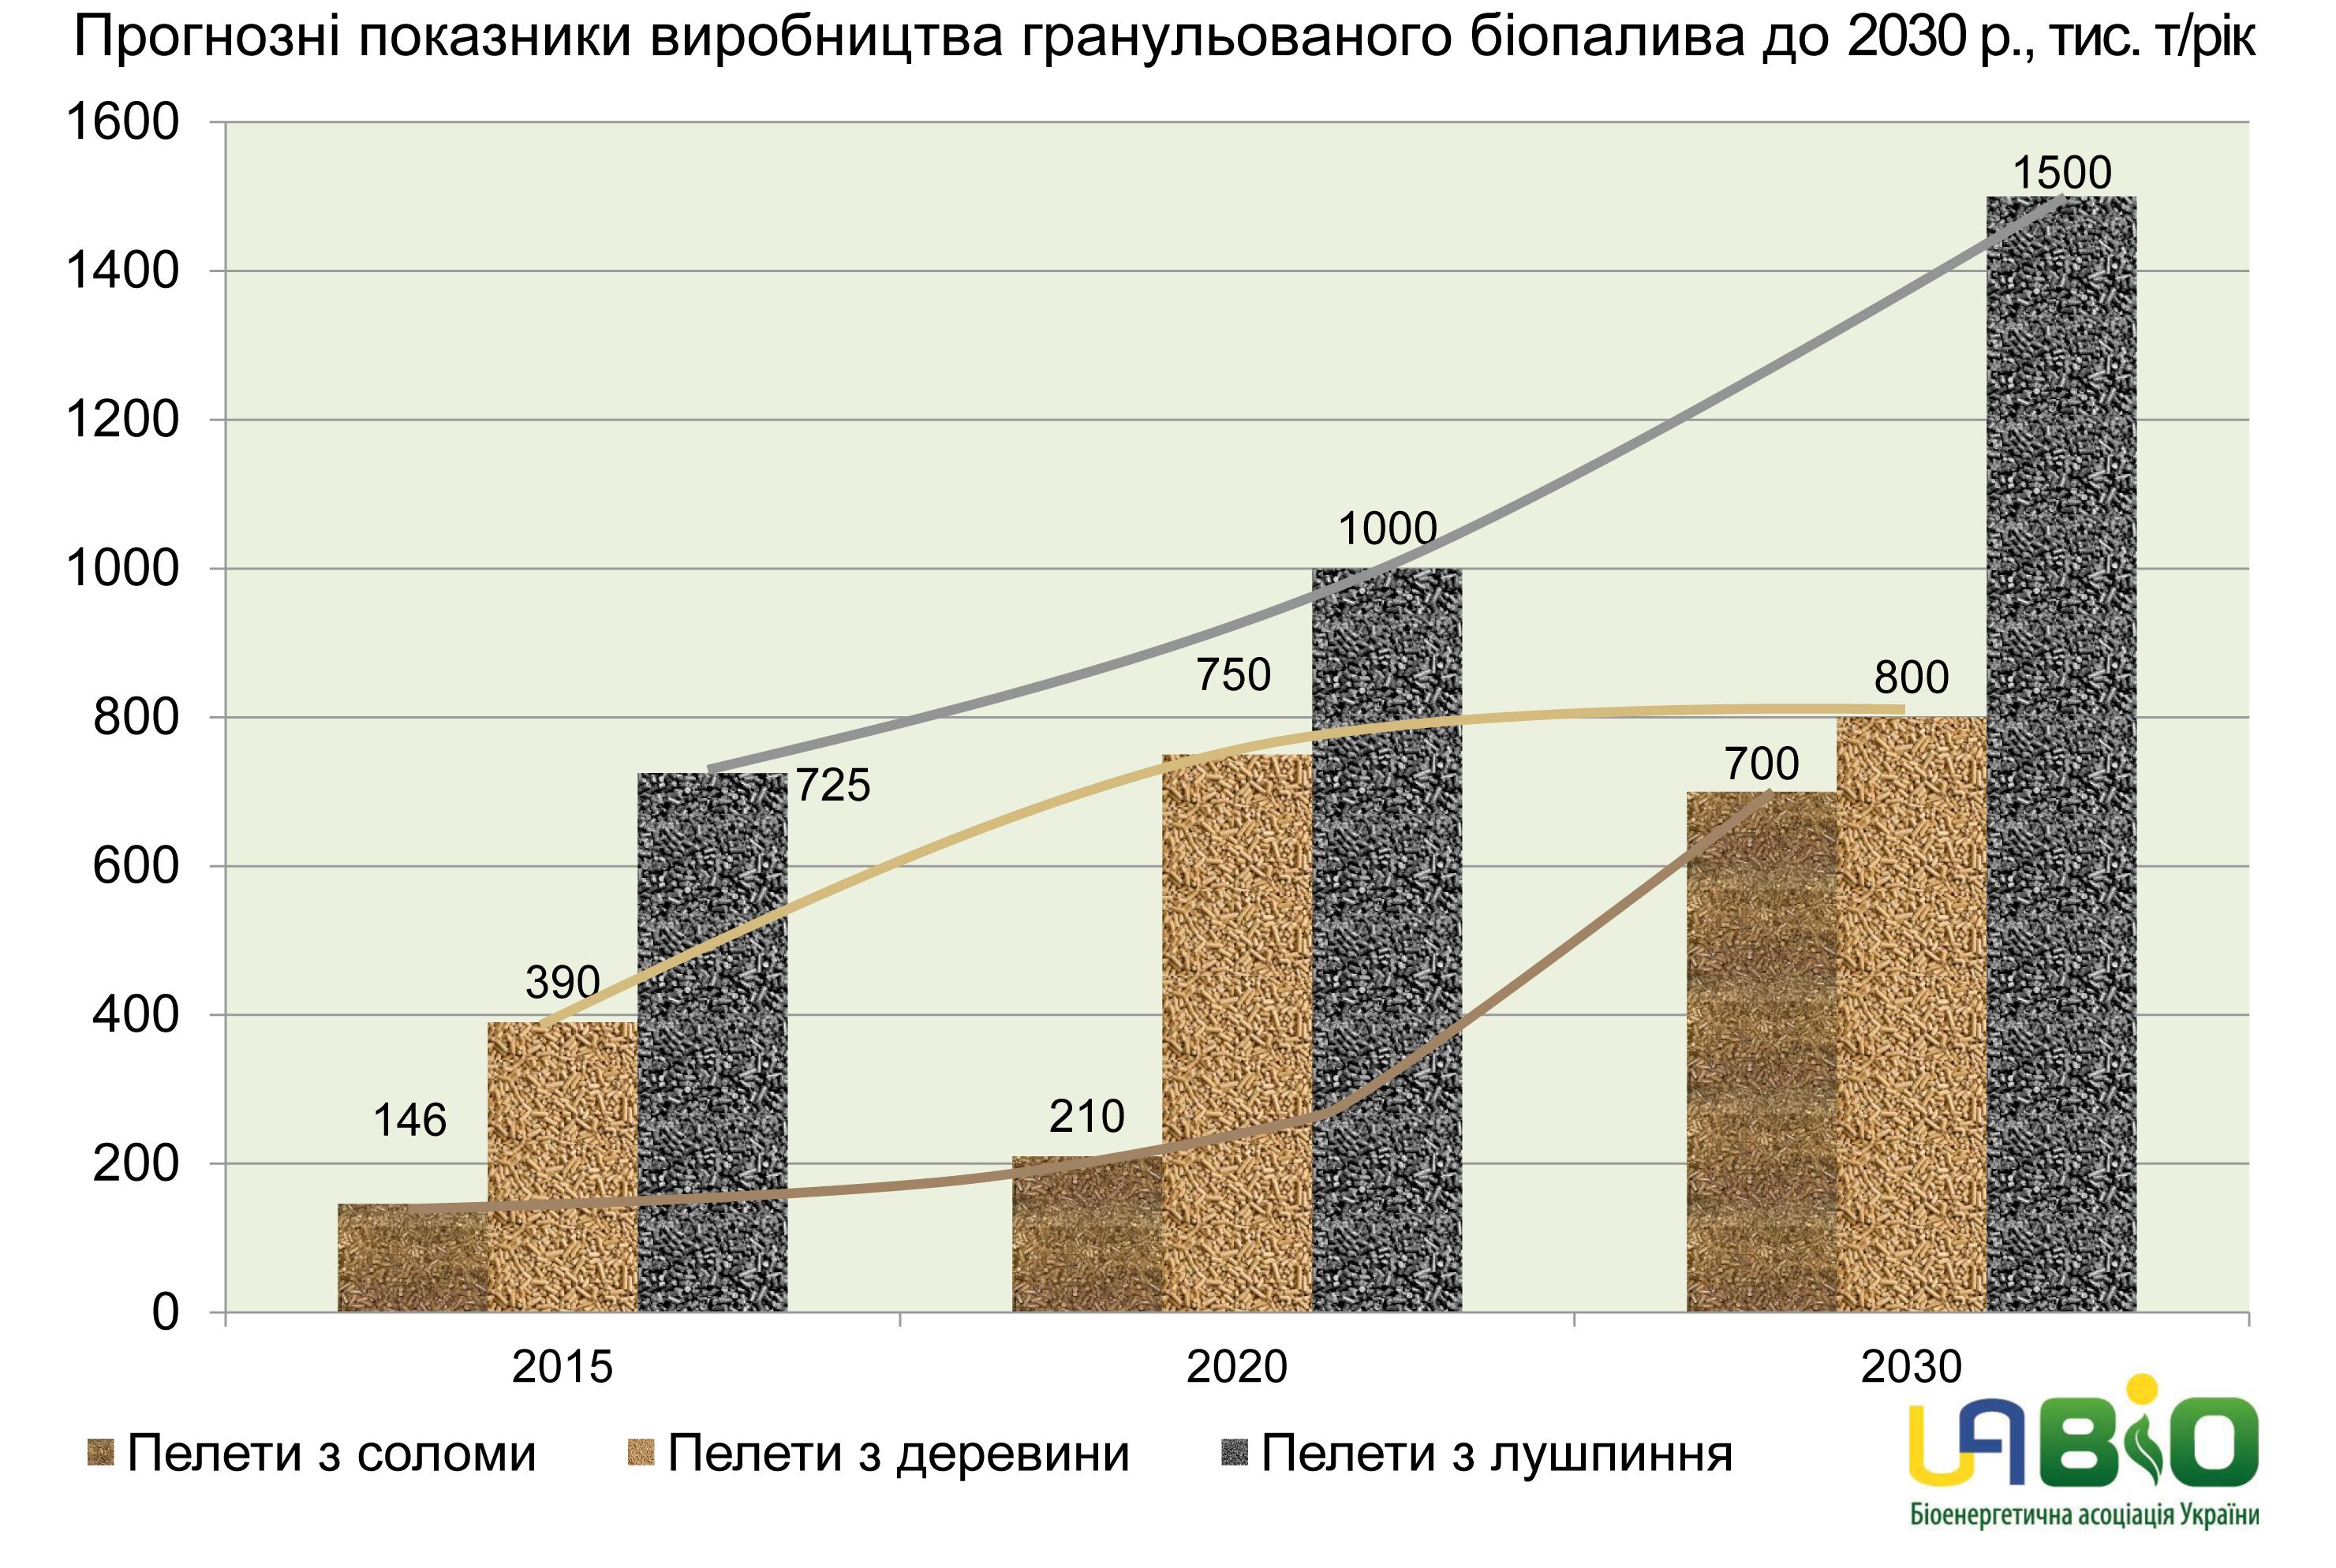 dinamika_ispolzovaniya_granylirovannogo_biotopliva.jpg